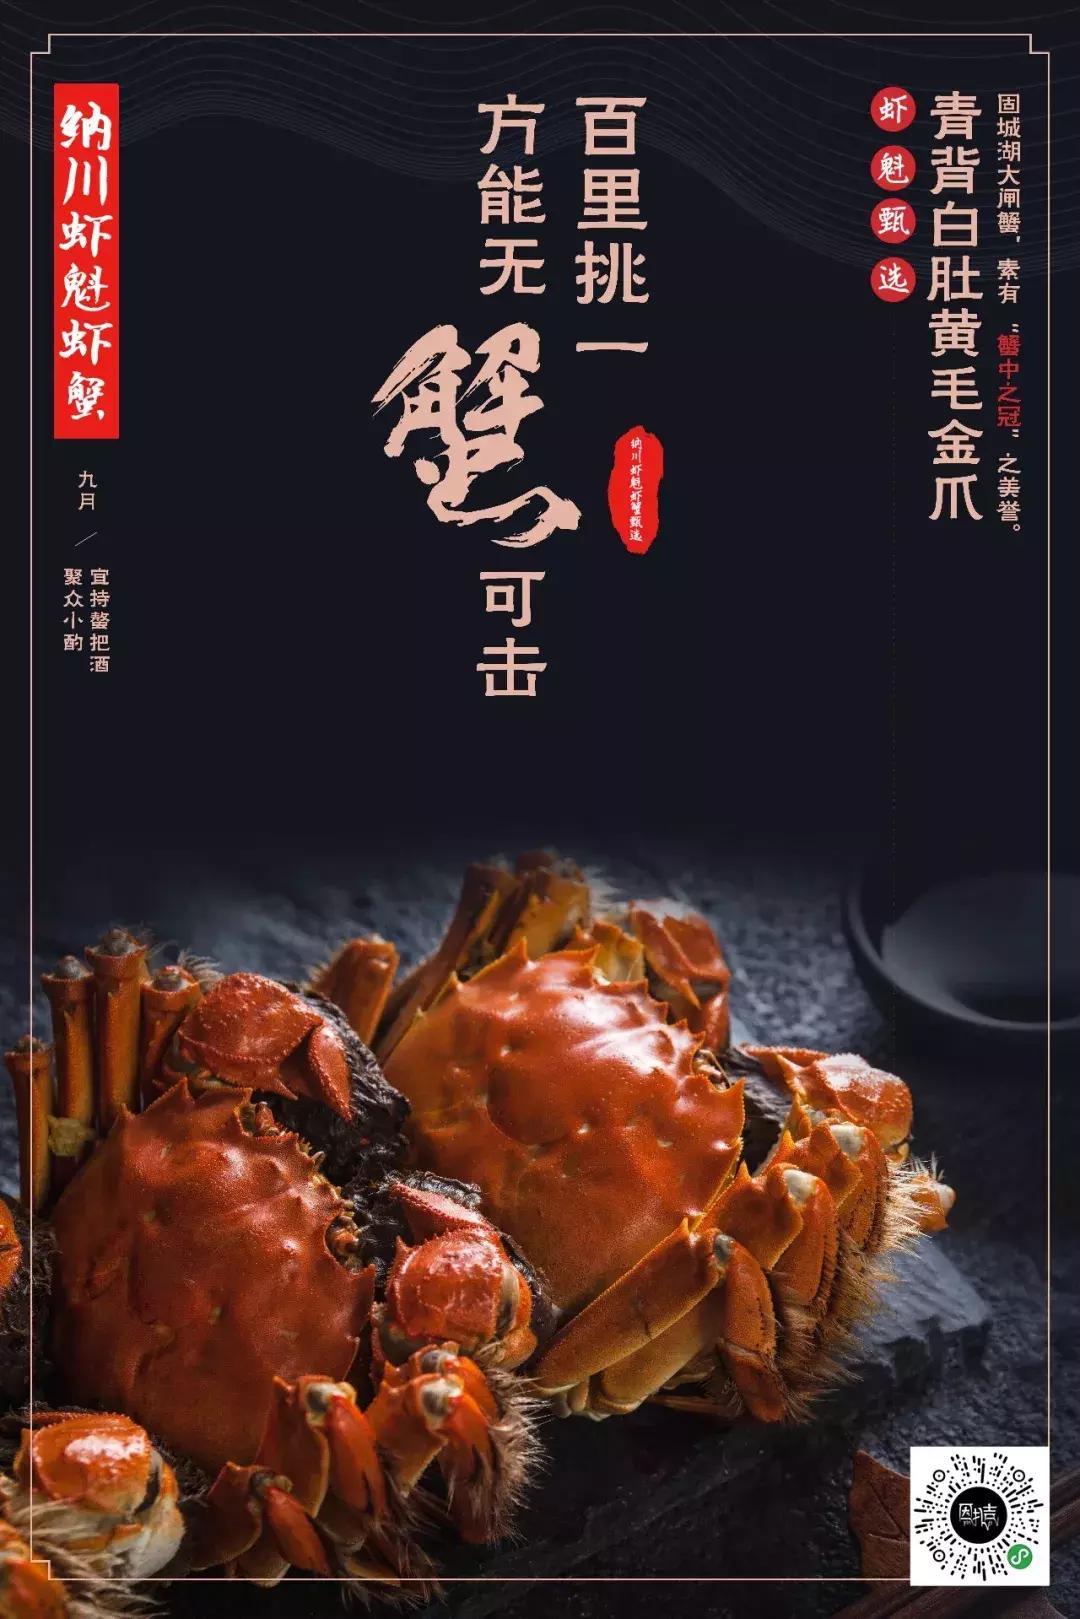 吃虾还是吃蟹小孩子才做选择,孔明路虾魁带你中秋打卡虾蟹大餐